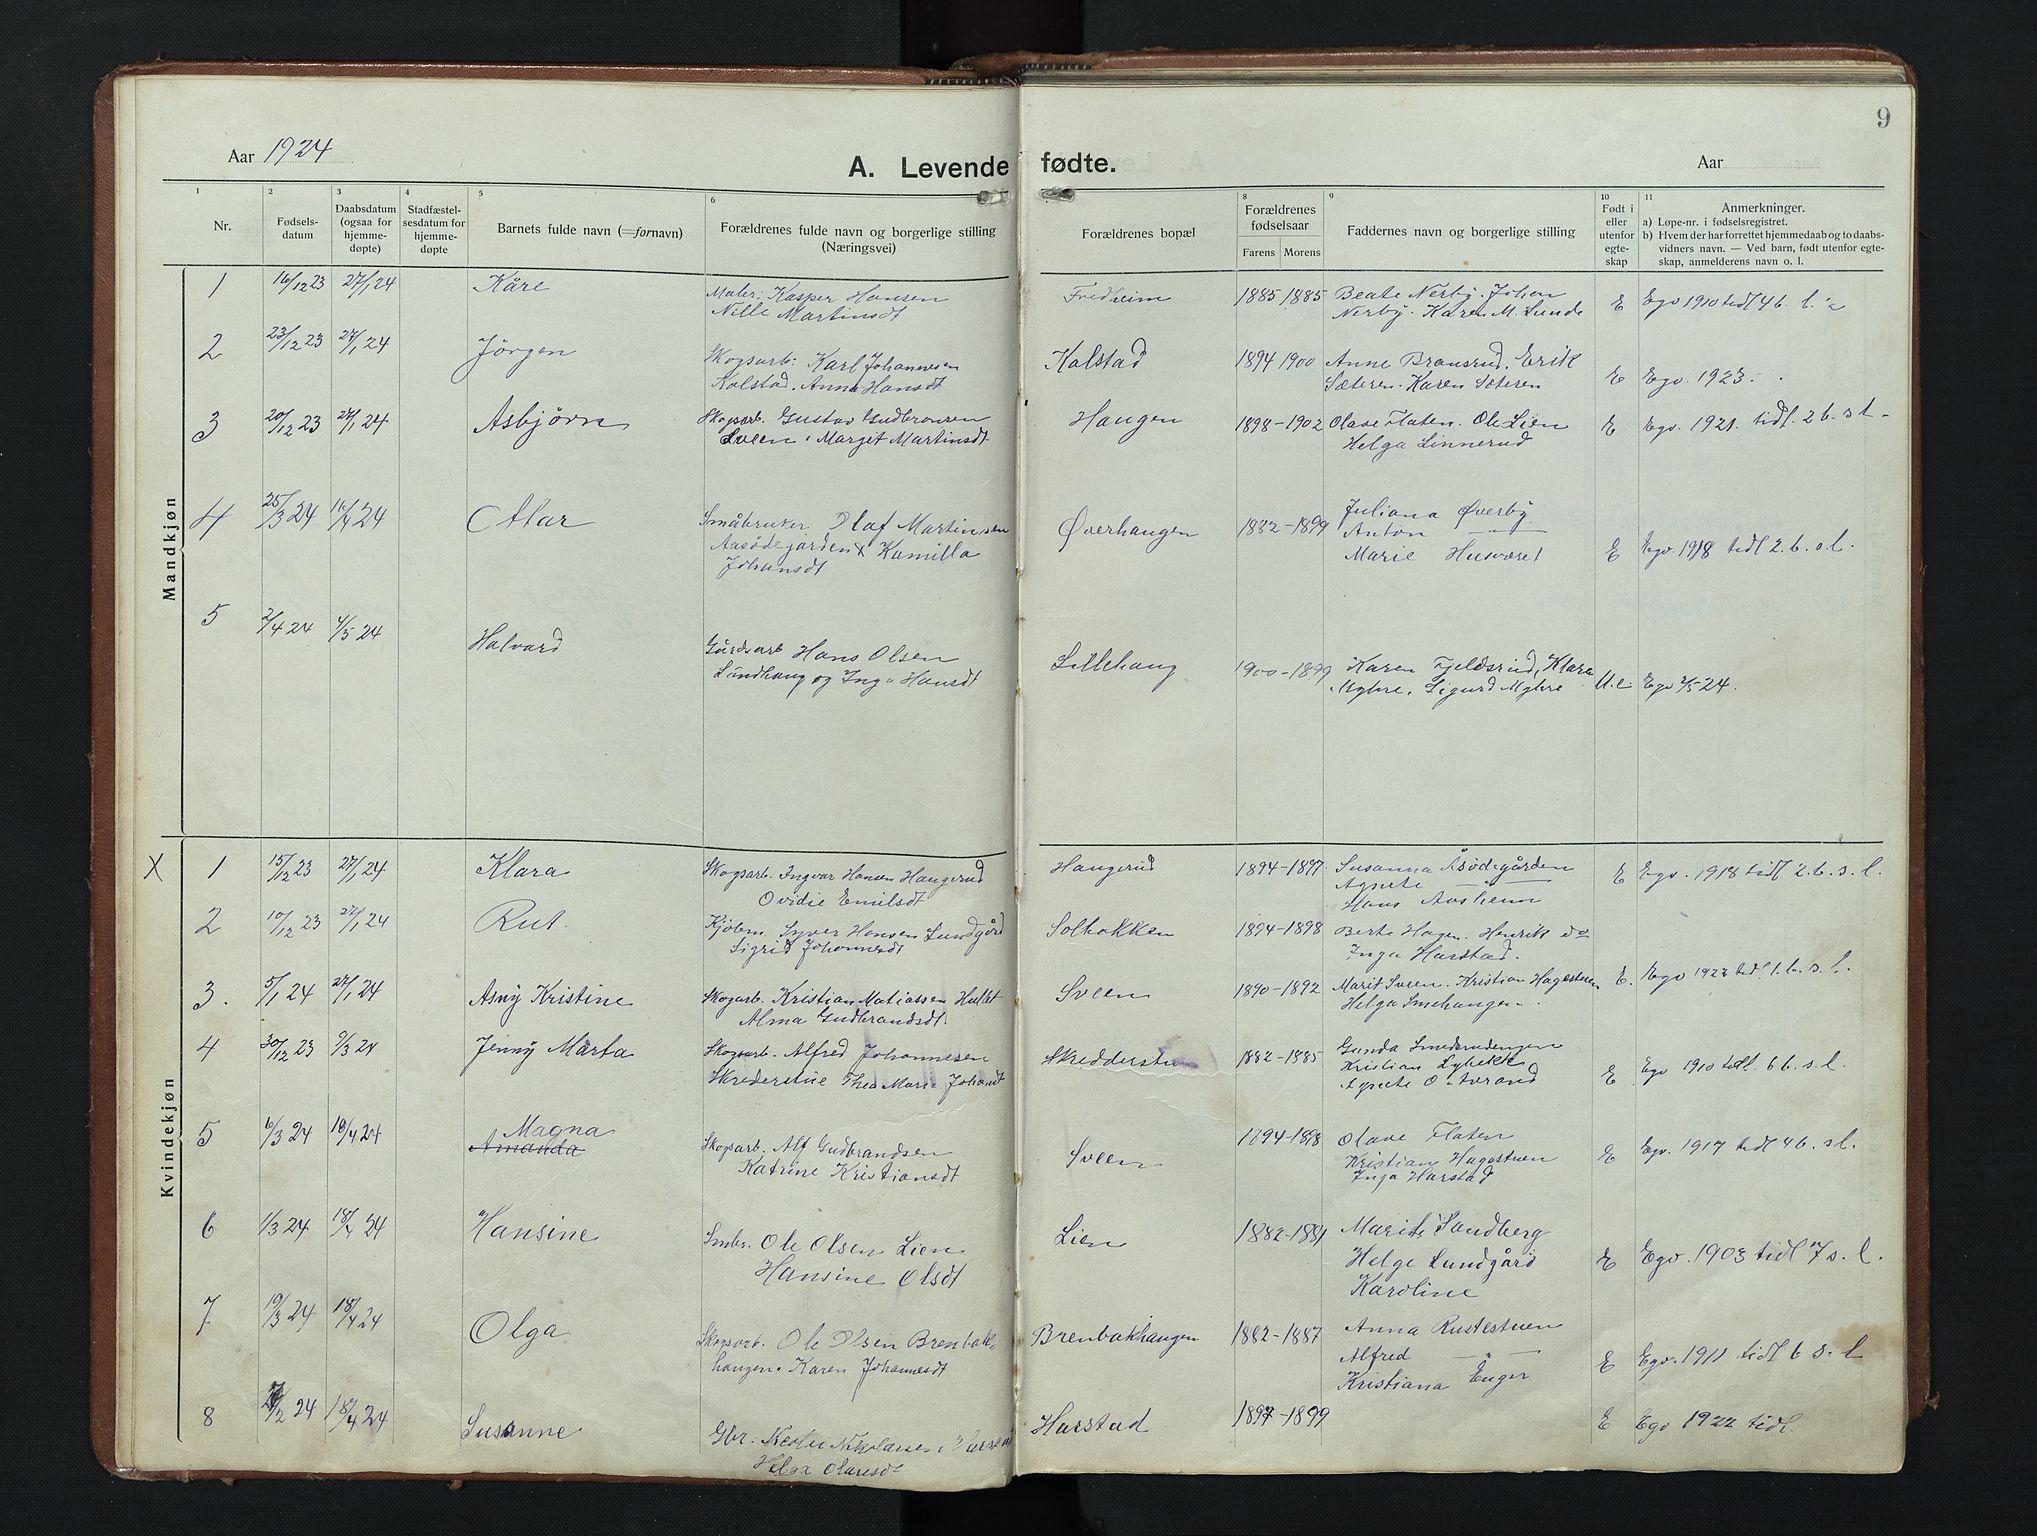 SAH, Nordre Land prestekontor, Klokkerbok nr. 9, 1921-1956, s. 9